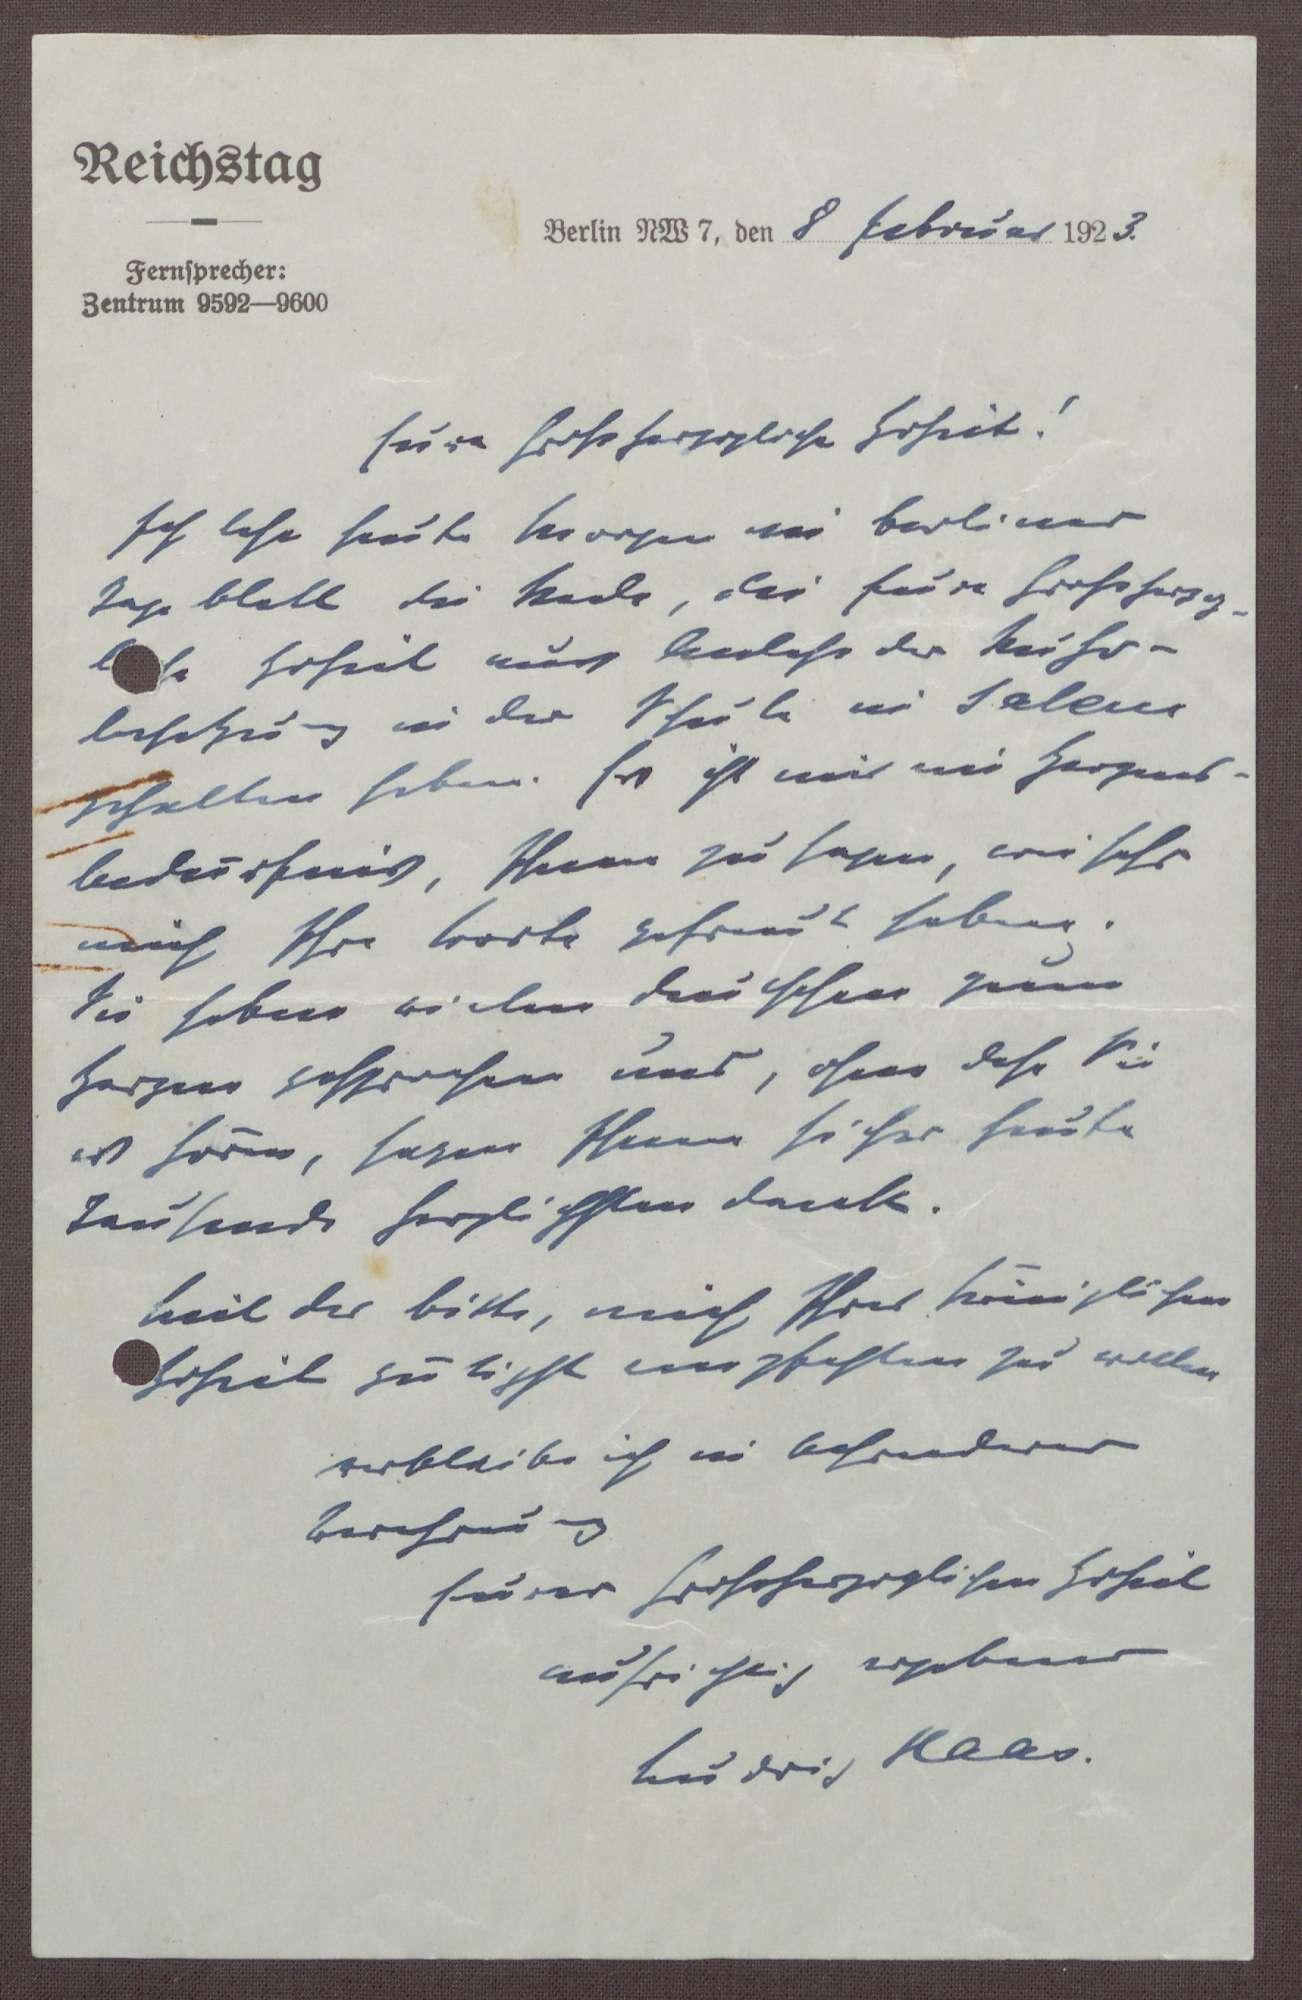 Korrespondenz zwischen Prinz Max von Baden und Ludwig Haas; Ruhrbesetzung und die Möglichkeit einer englisch-amerikanischen Intervention, Bild 1